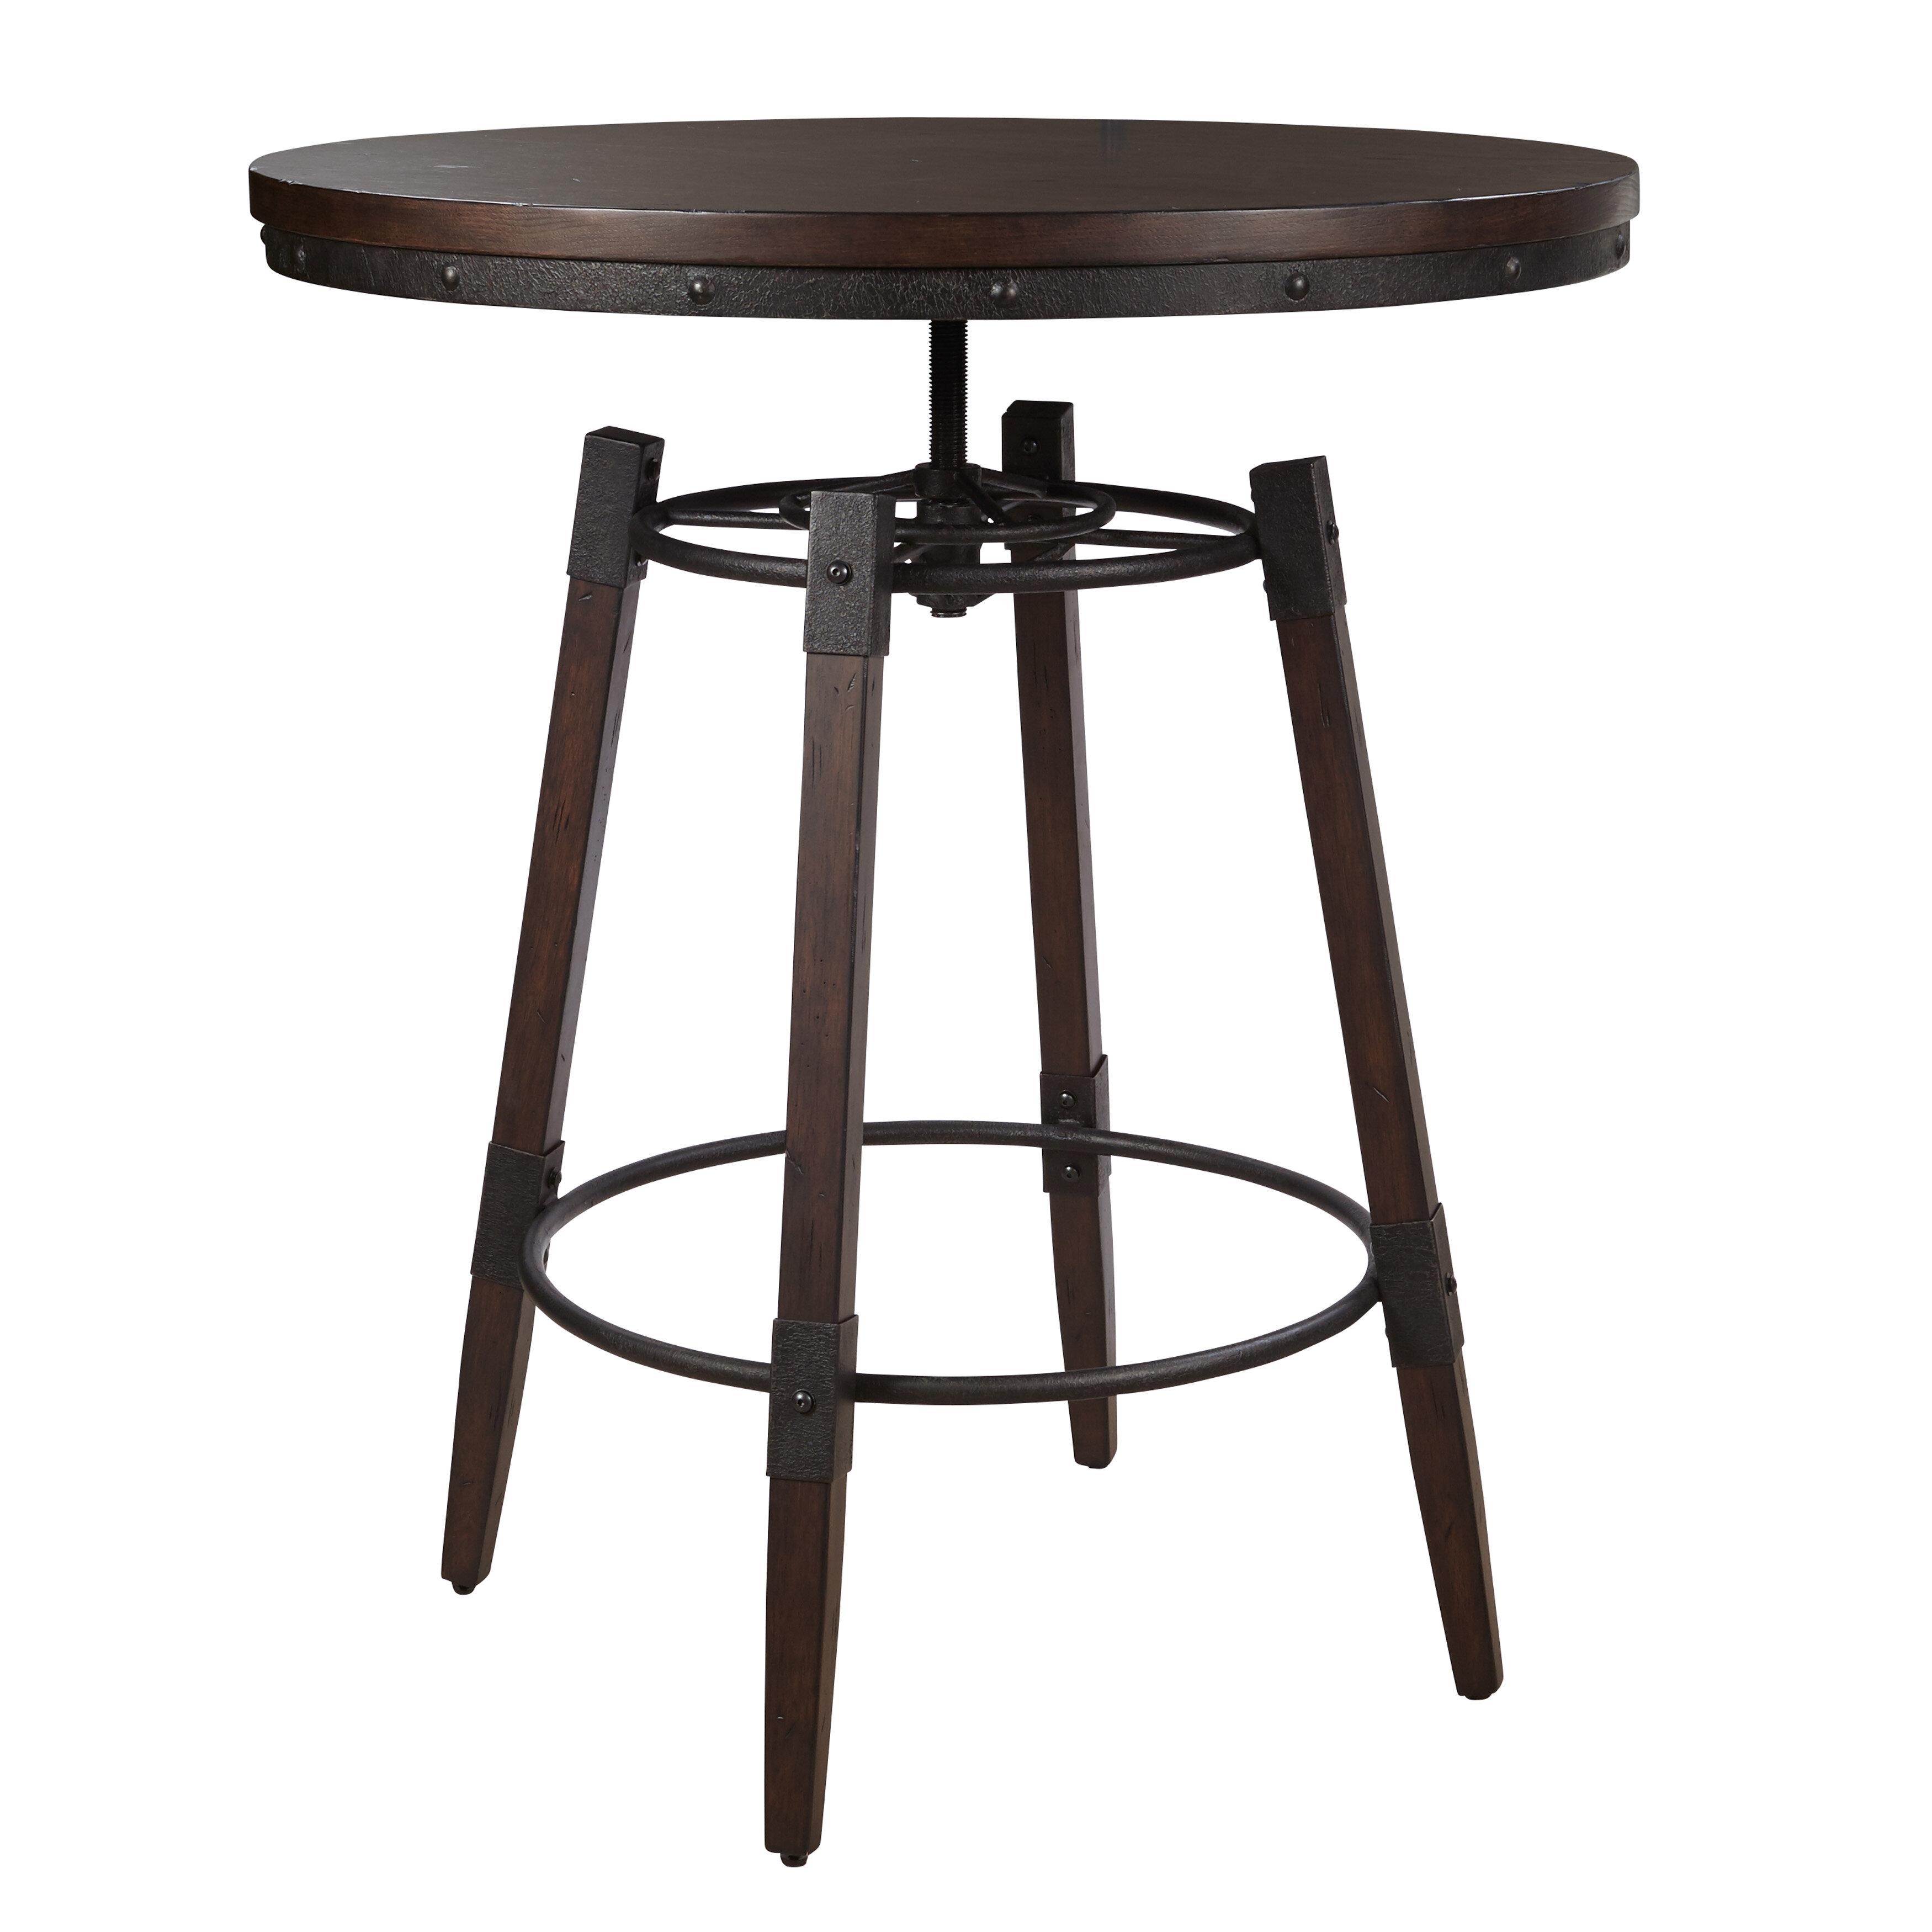 Williston forge bingaman vintage adjustable height bar table williston forge bingaman vintage adjustable height bar table reviews wayfair watchthetrailerfo